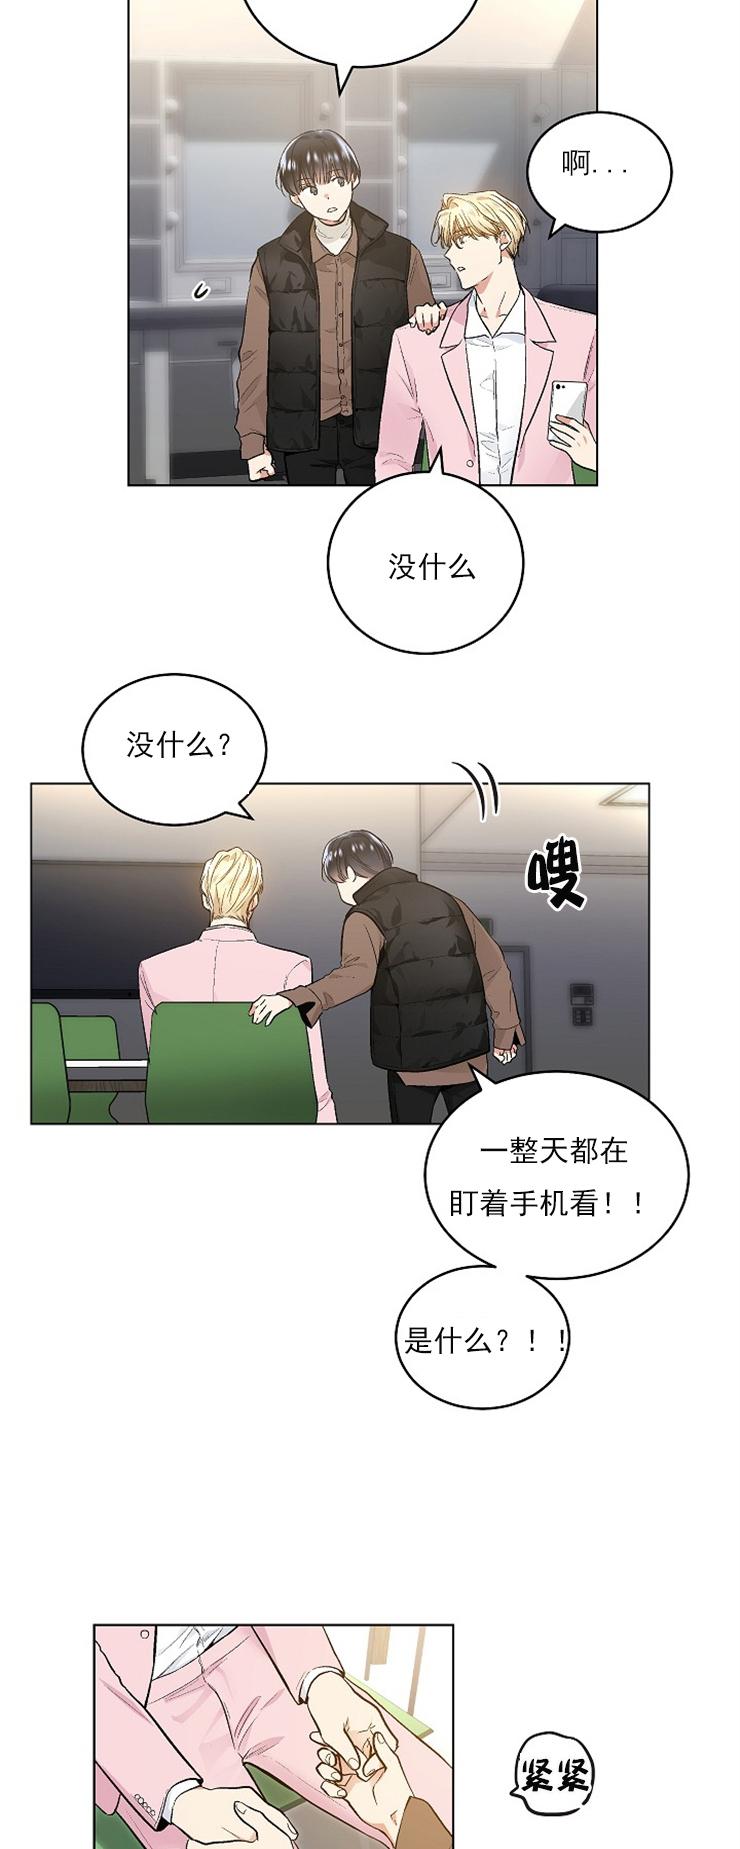 耻辱应用程序第二季-免费漫画在线阅读_完整版汉化连载首发-啵乐漫画